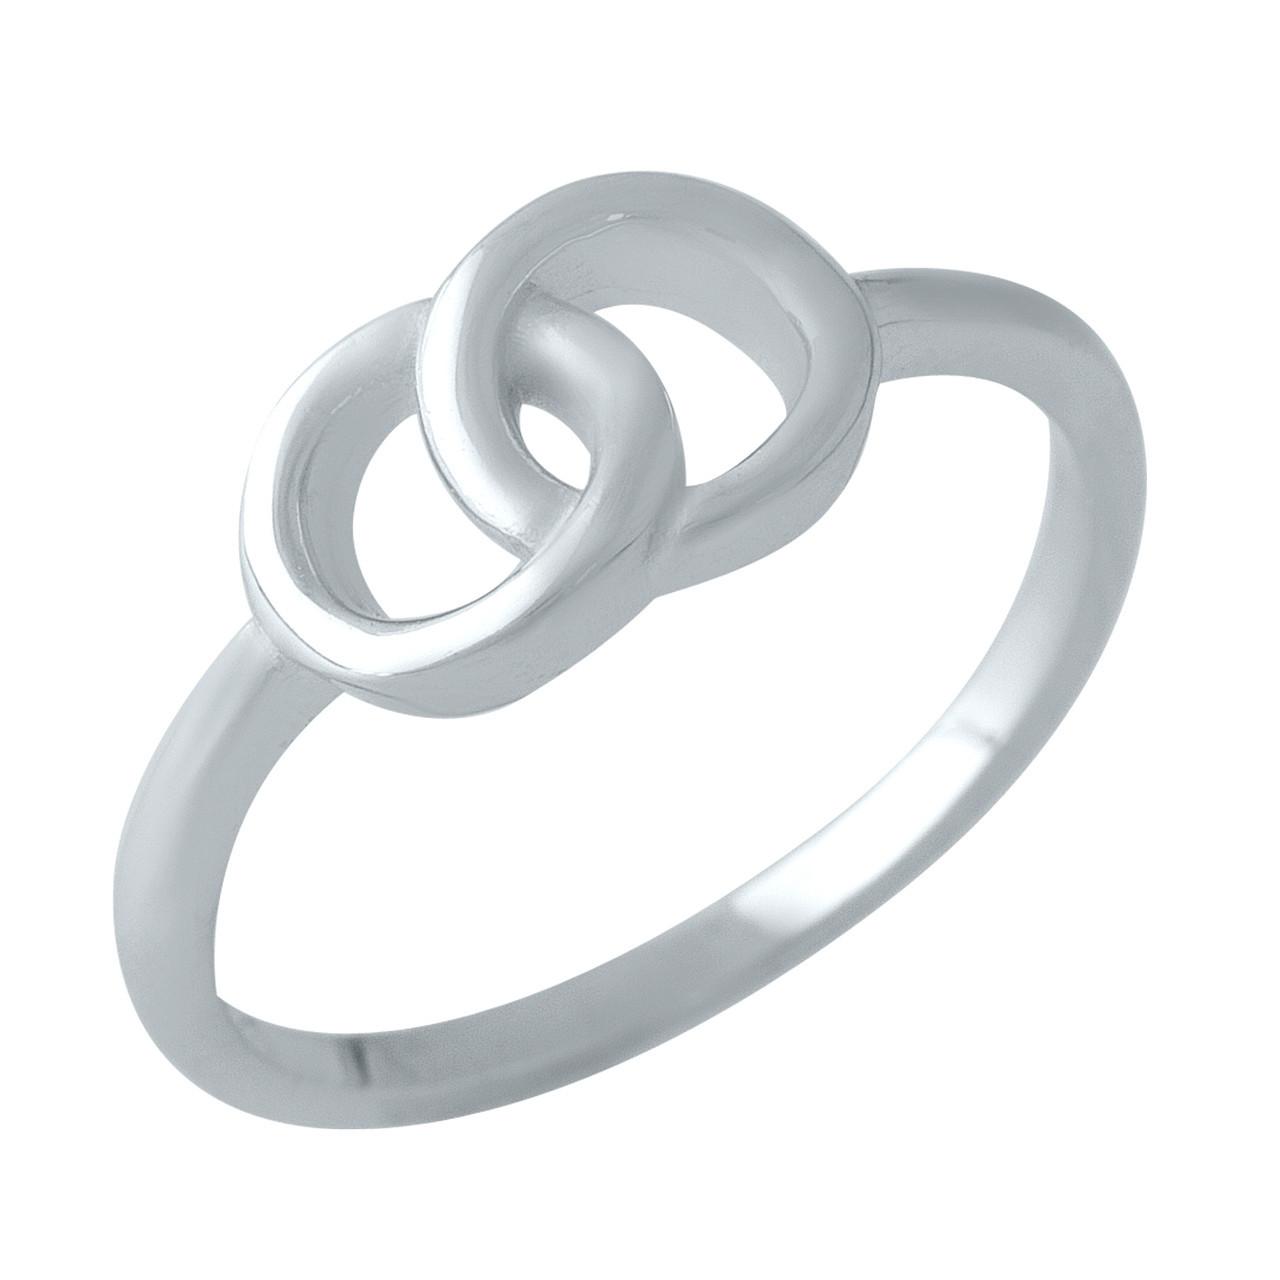 Родированное серебряное кольцо 925 пробы без камней